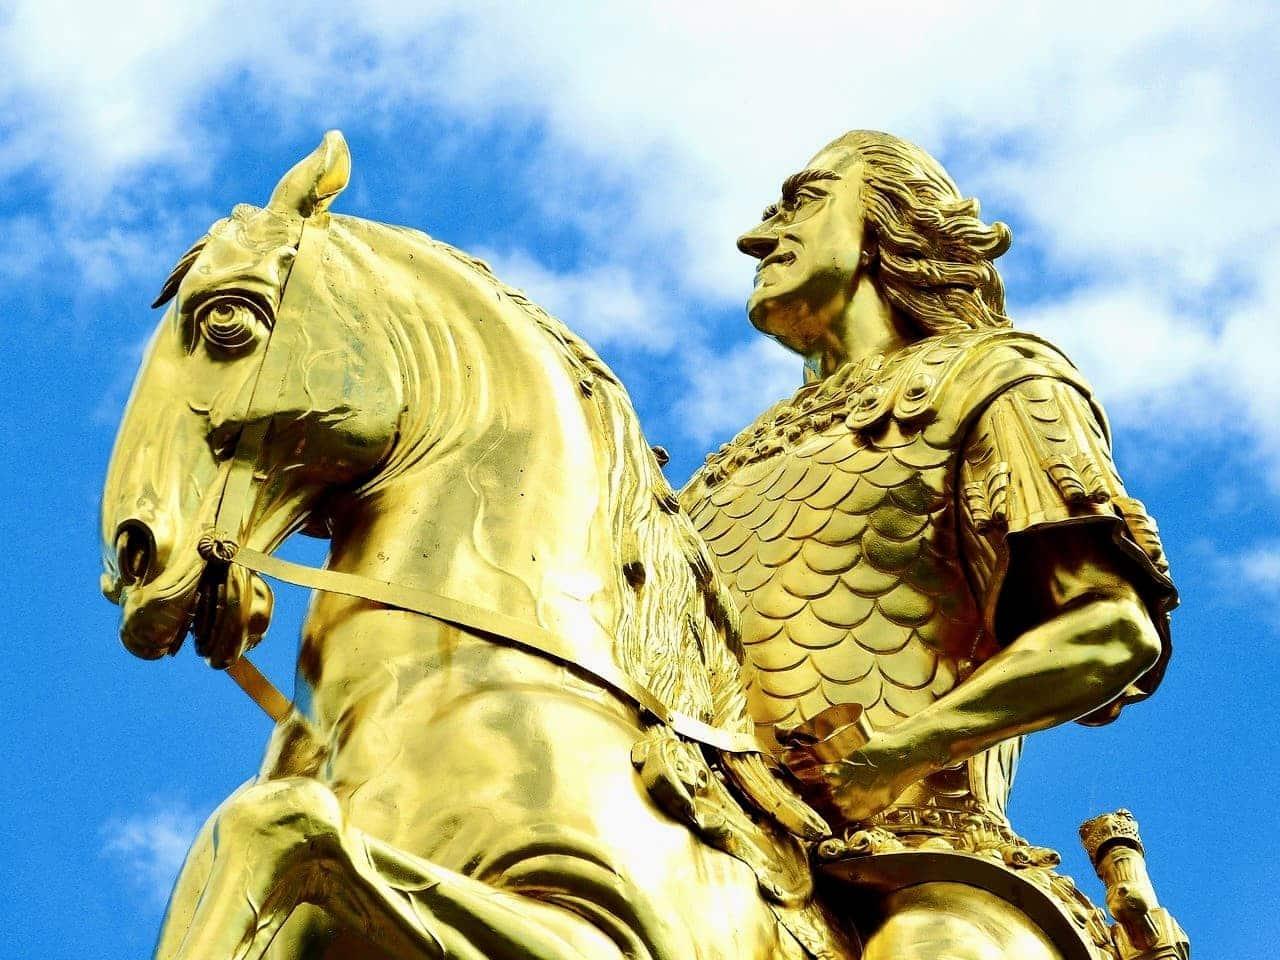 Dresden Sehenswürdigkeiten Statur Goldener Reiter